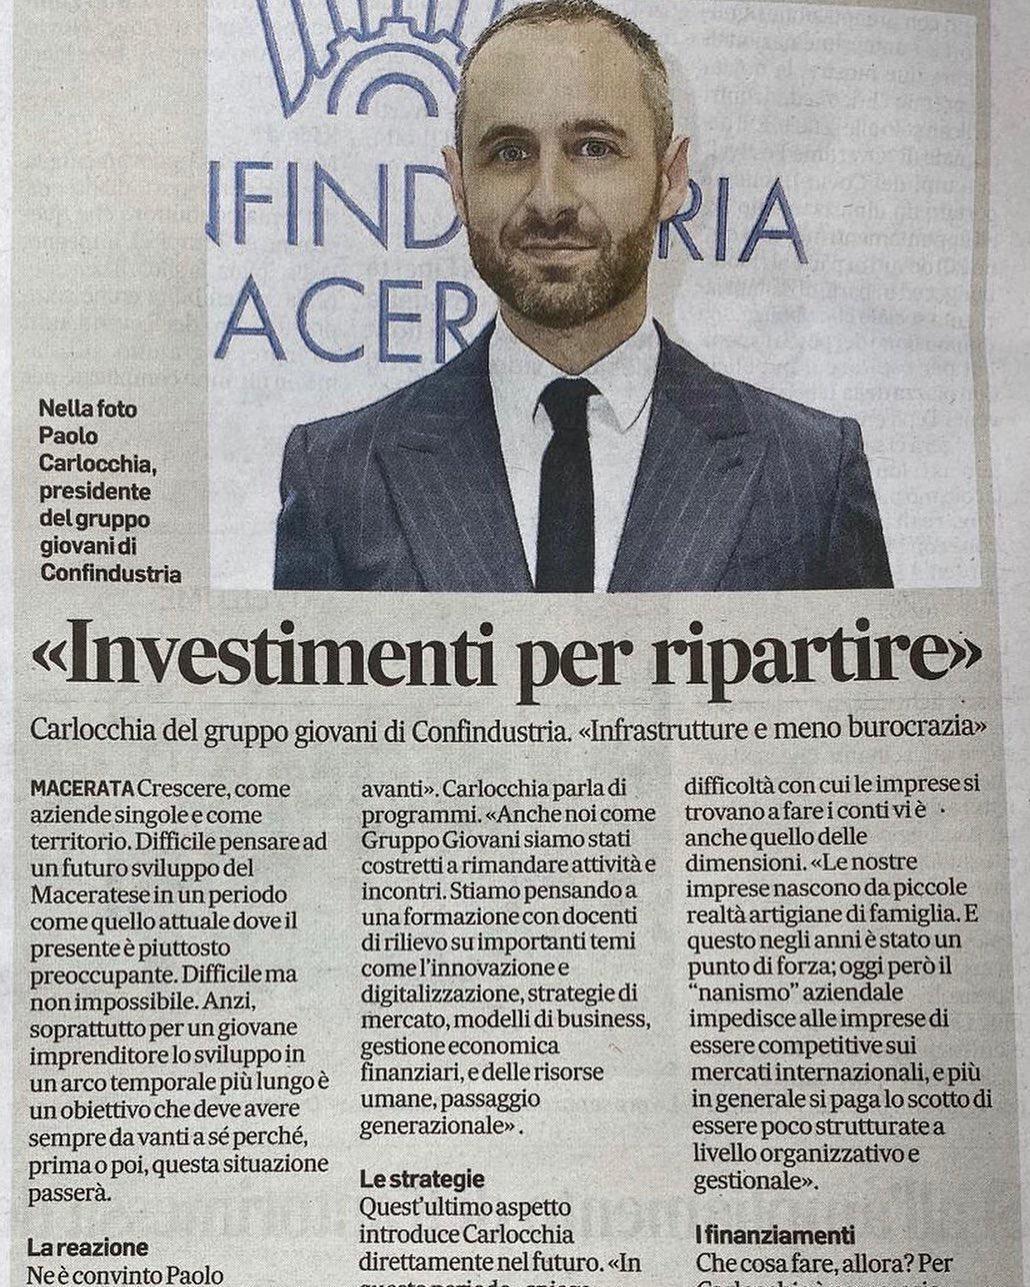 investimenti-per-ripartire-paolo-carlocchia-confindustria-giovani-macerata-gi-macerata